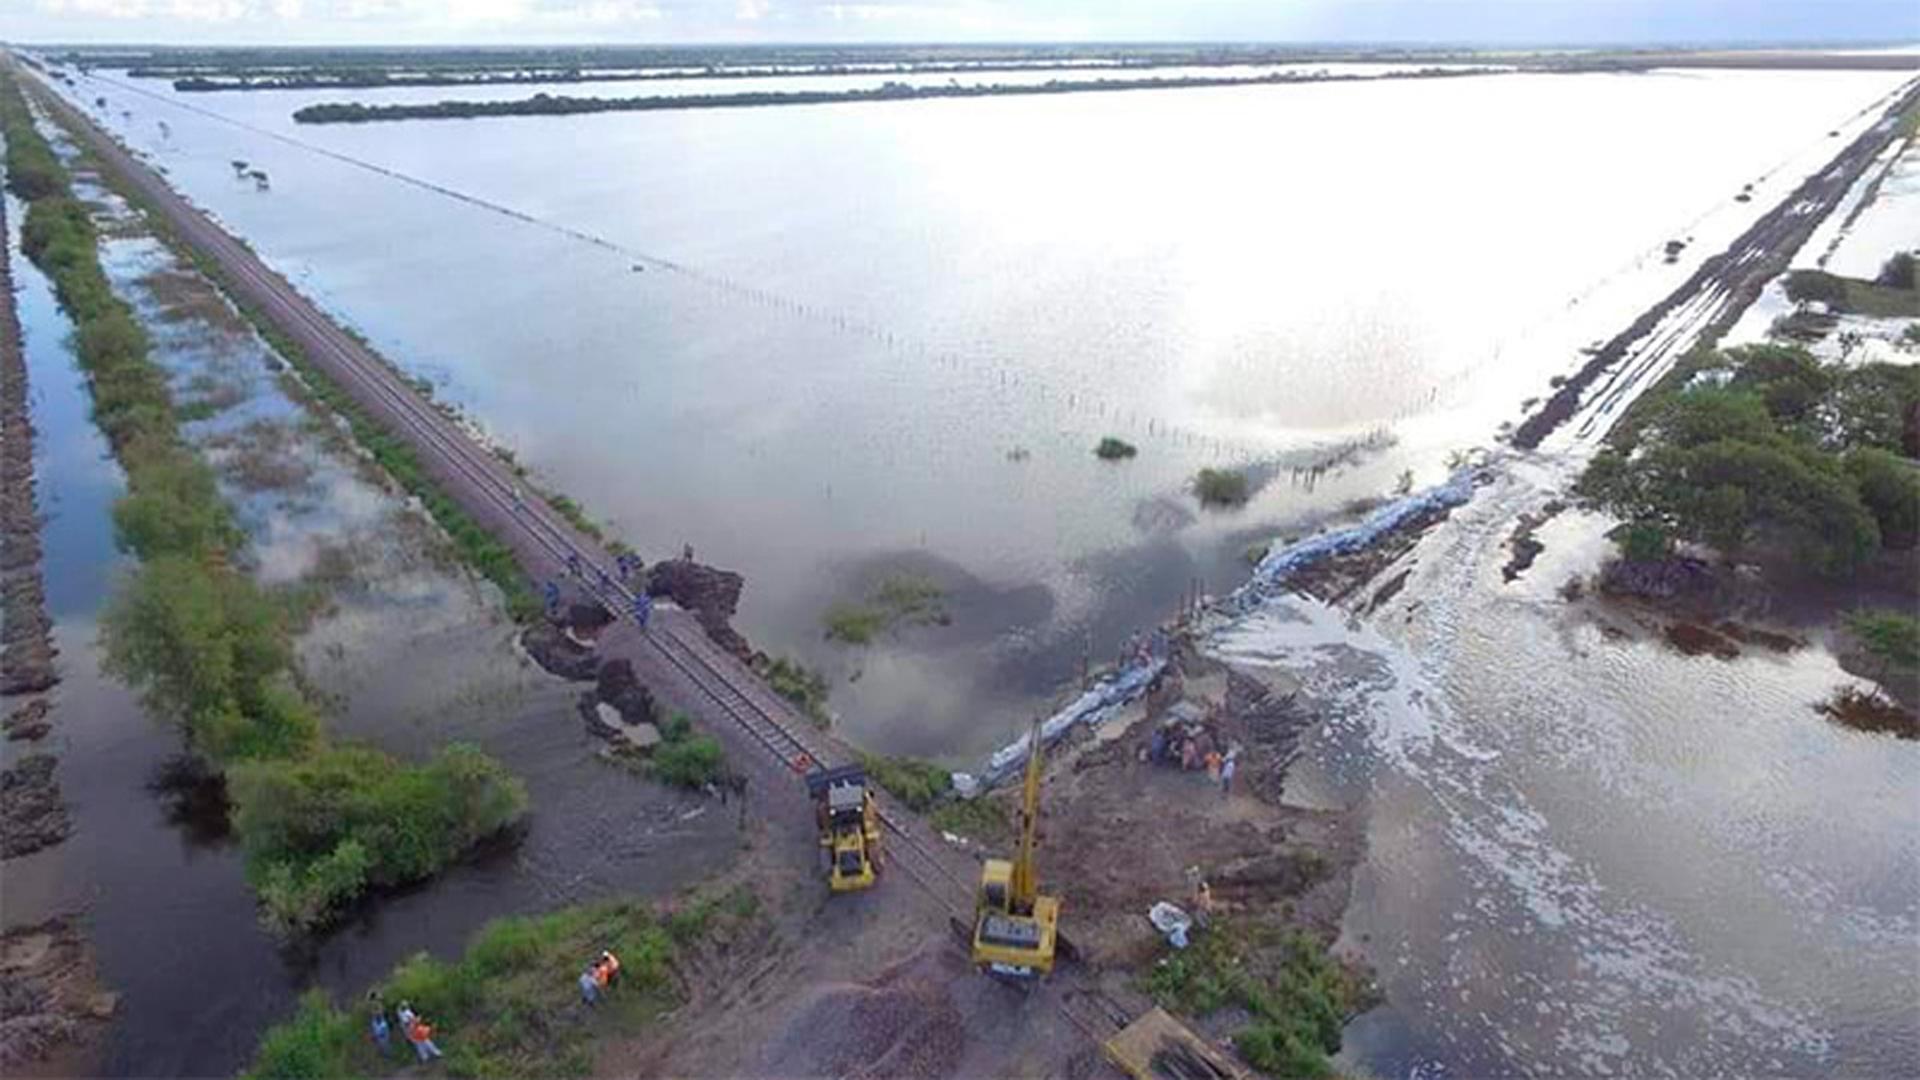 Frente al complejo panorama que se vive por las inundaciones en variasprovincias, el Senasa lanzó una serie de recomendaciones.